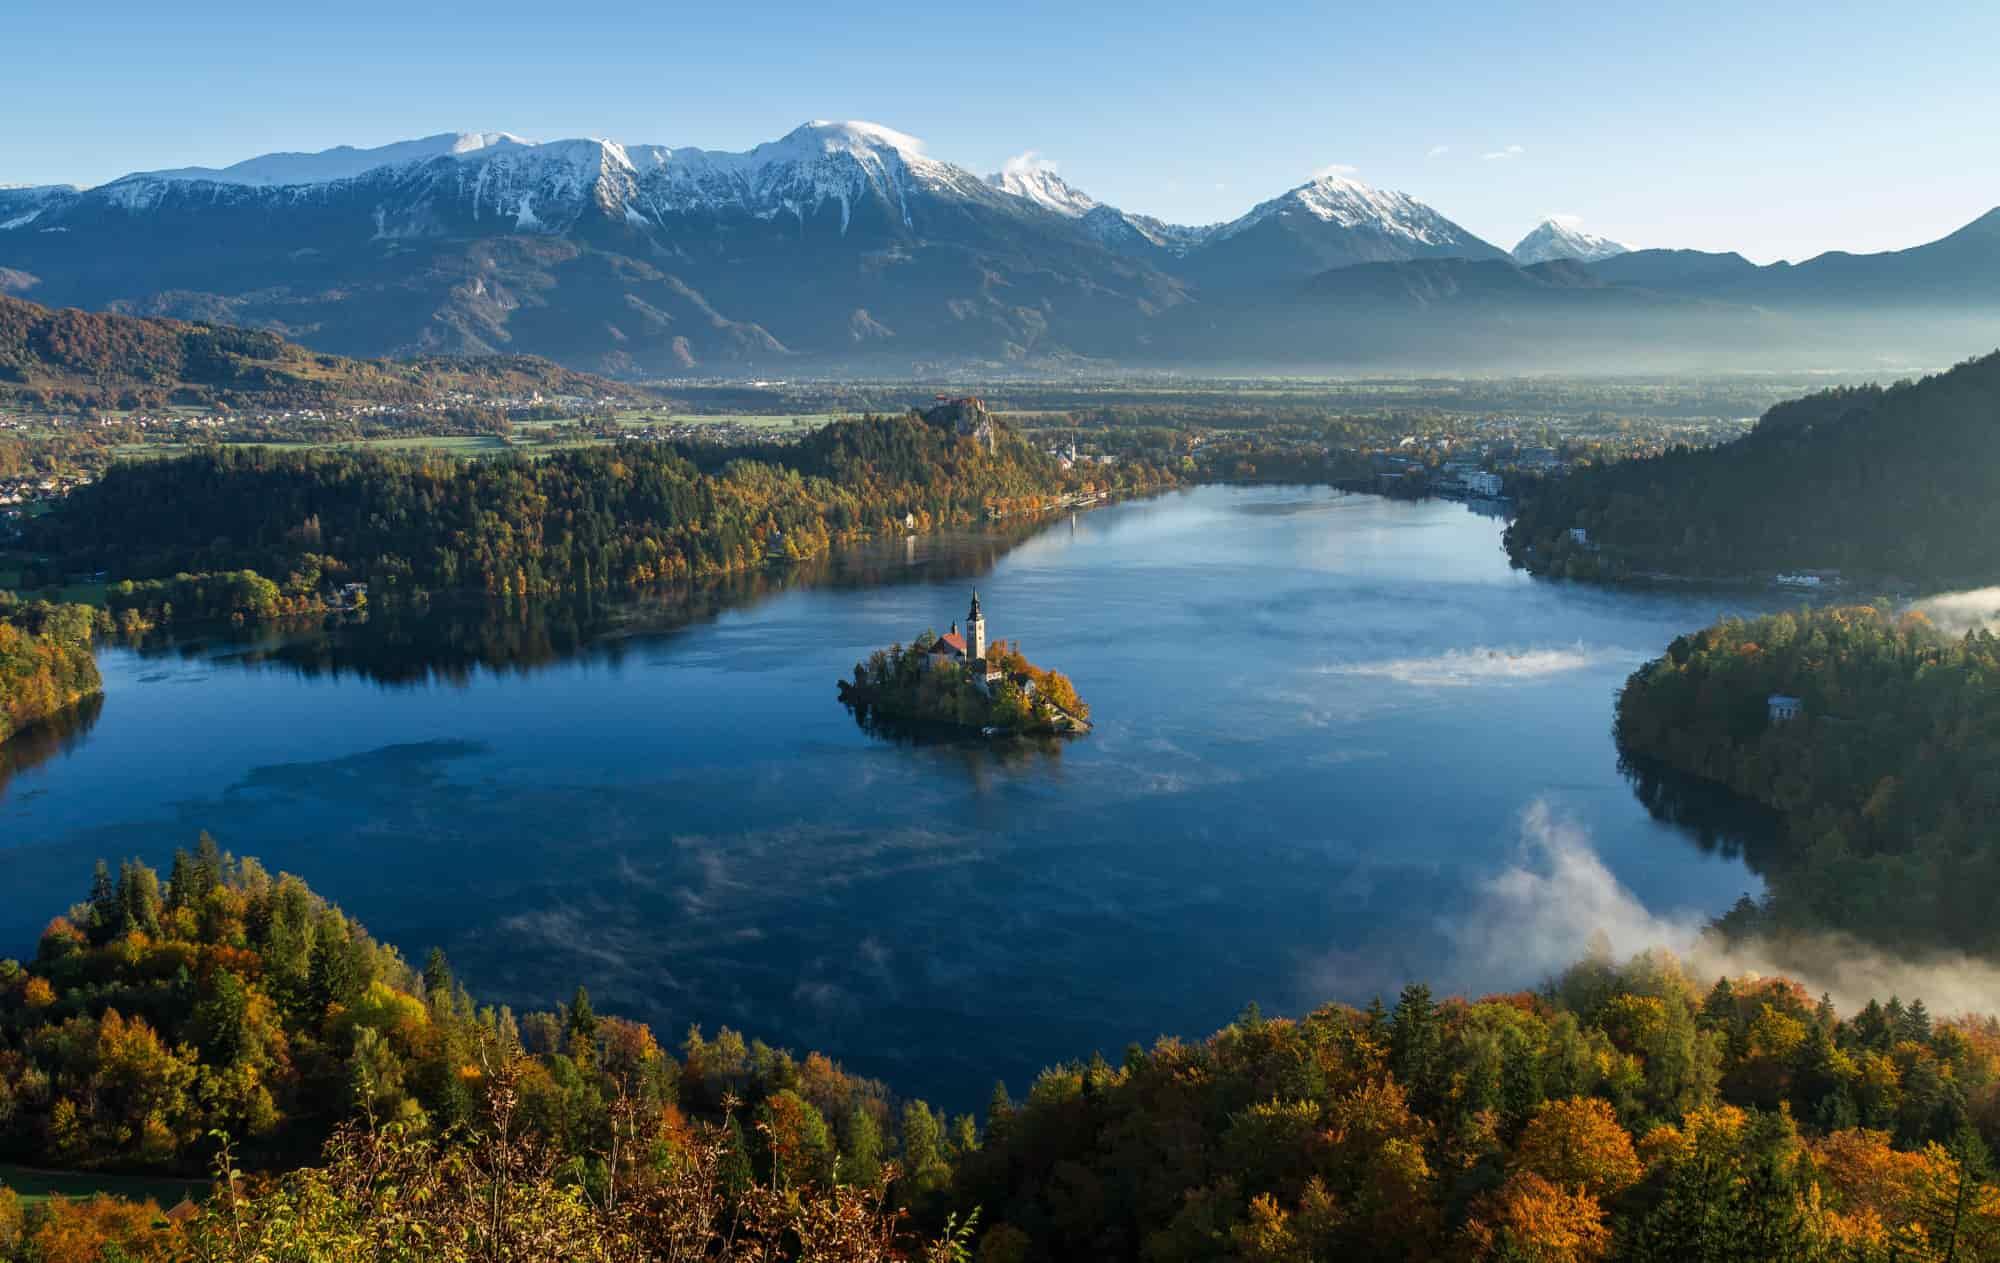 Voyage Slovénie - Le lac alpin de Bled - Amplitudes